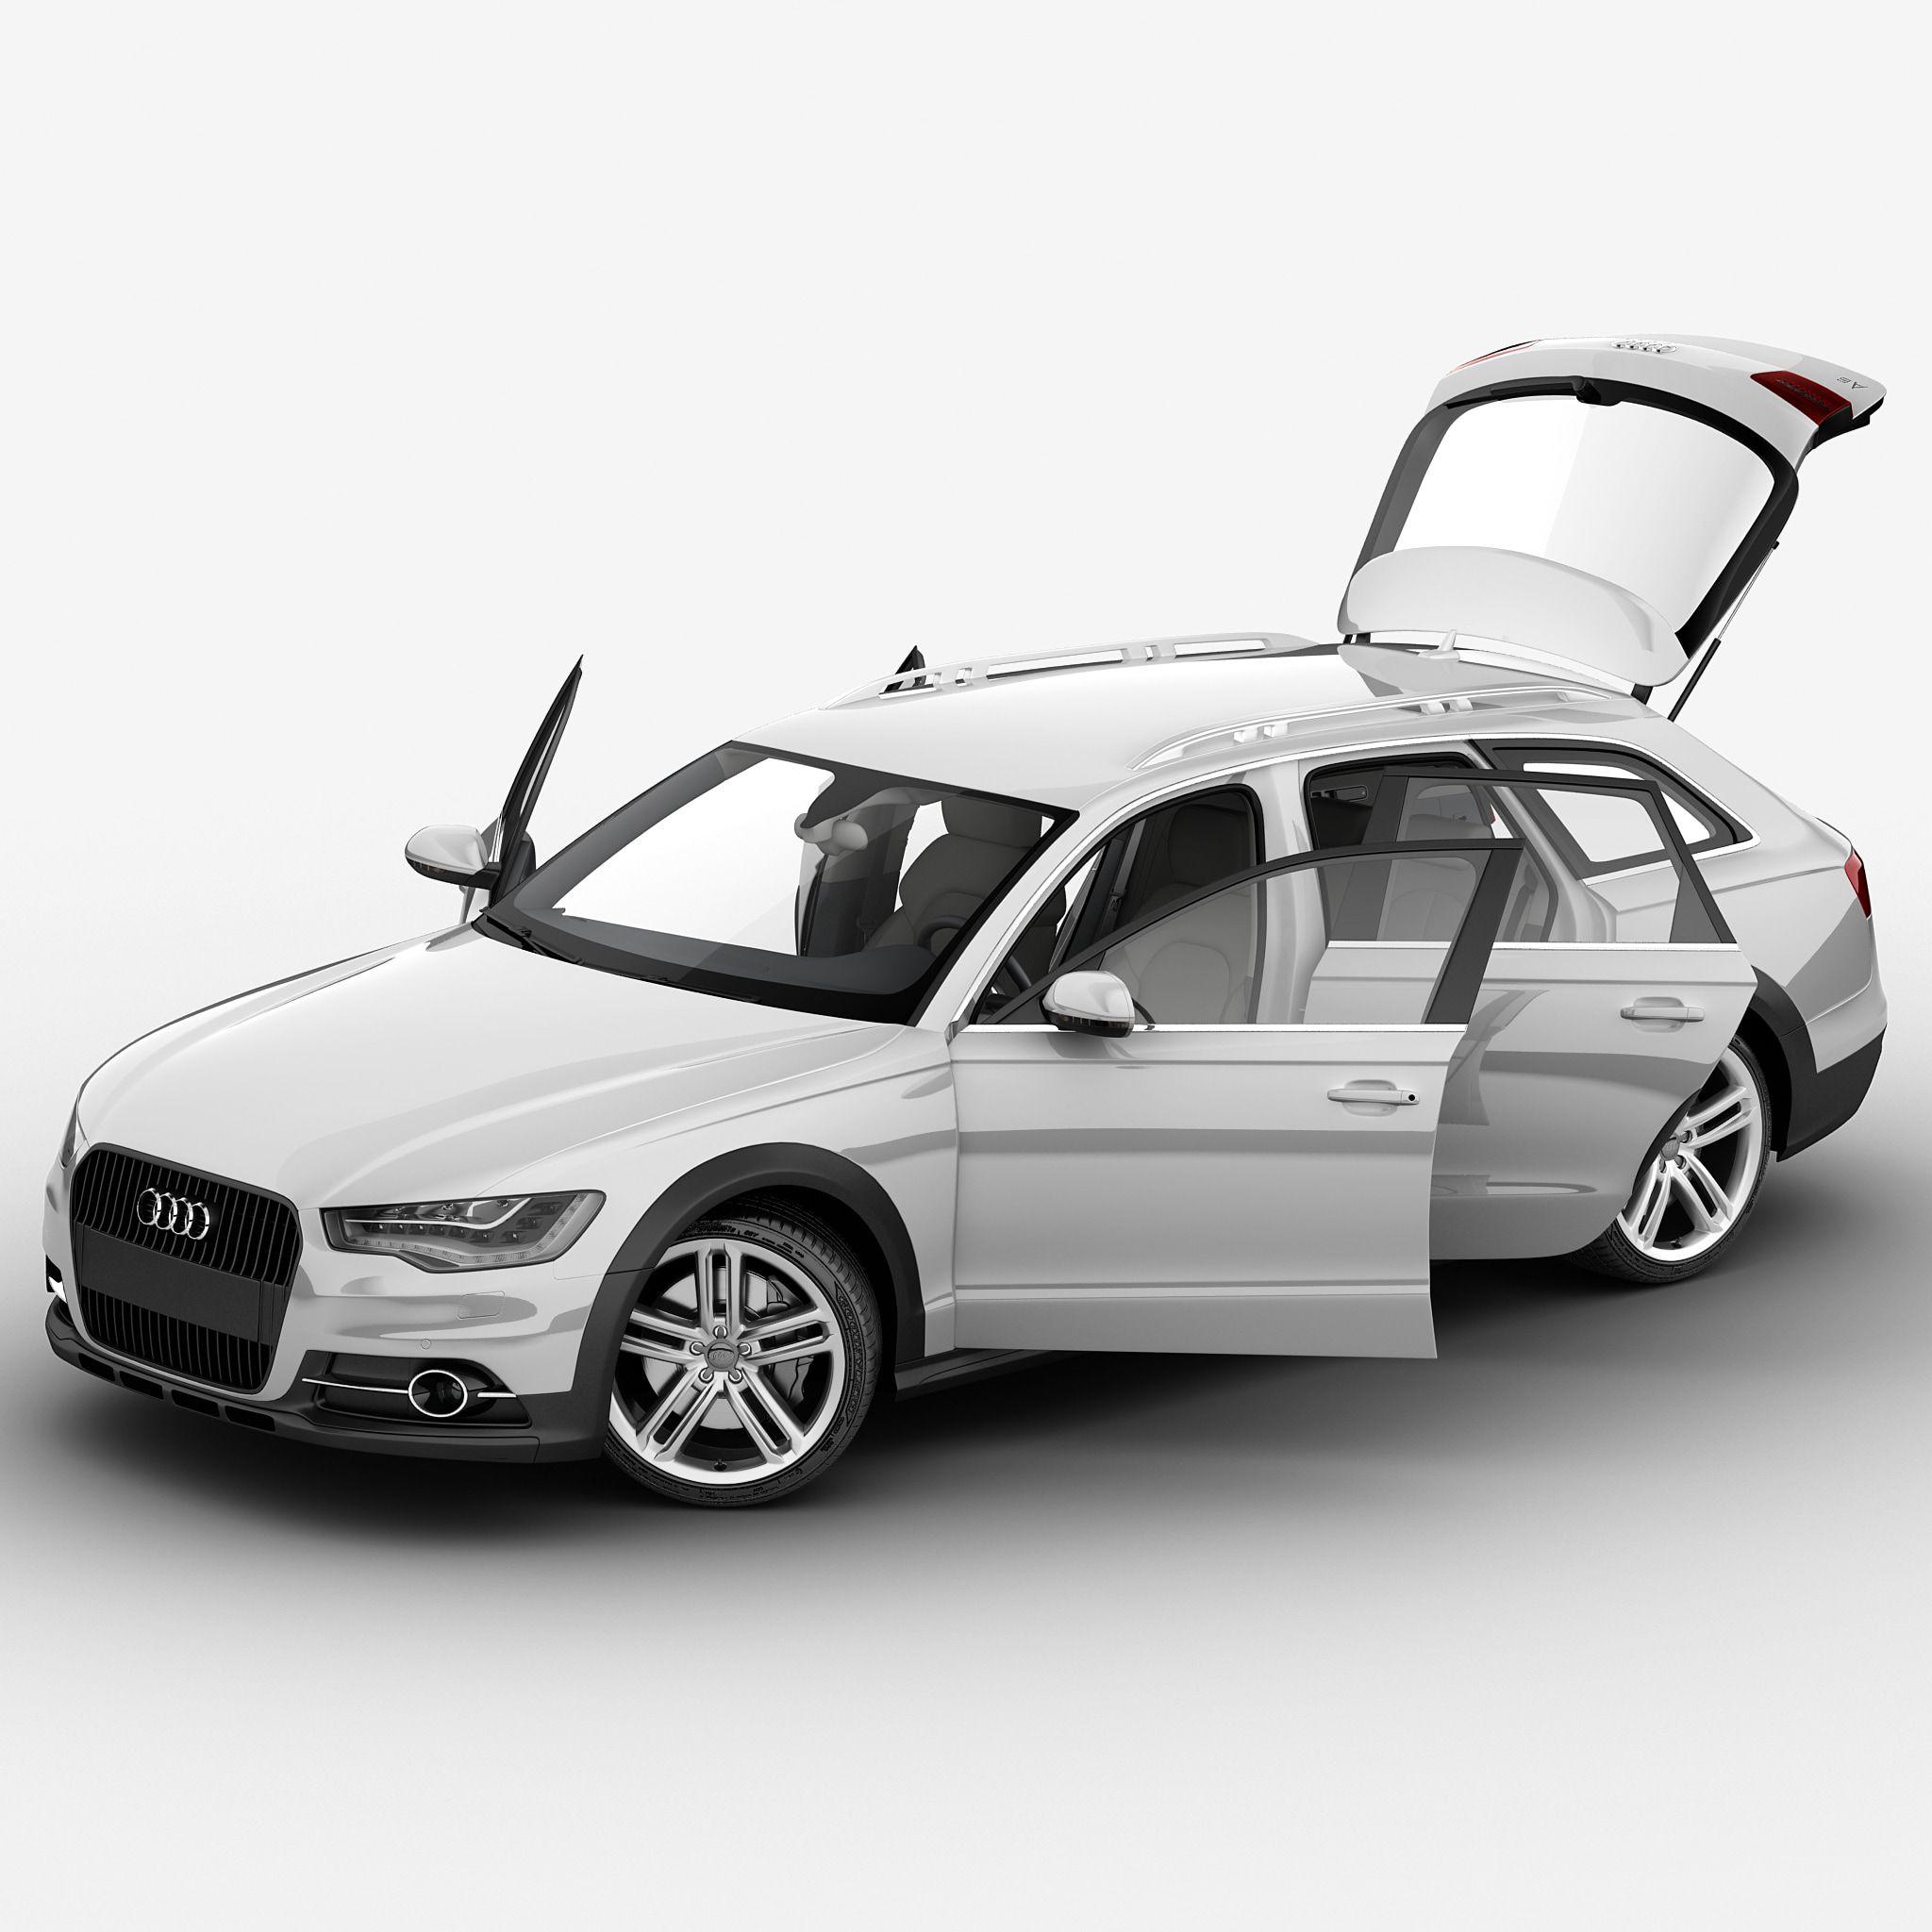 Audi A Rigged Car D Max Turbosquid Cars D Models - Audi car 3d games